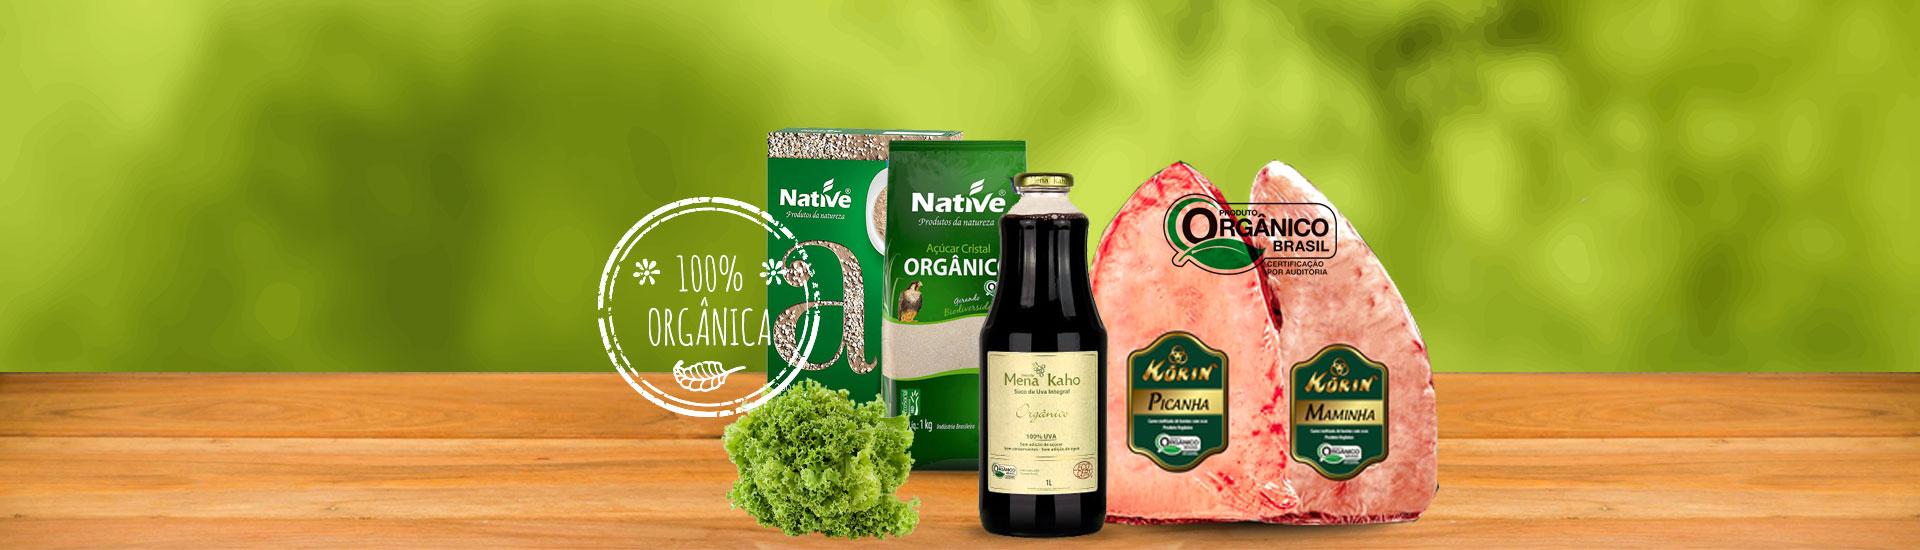 Produtos-Organicos-em-Santos-SP-Supermercado-DOM_CONSTANTIN